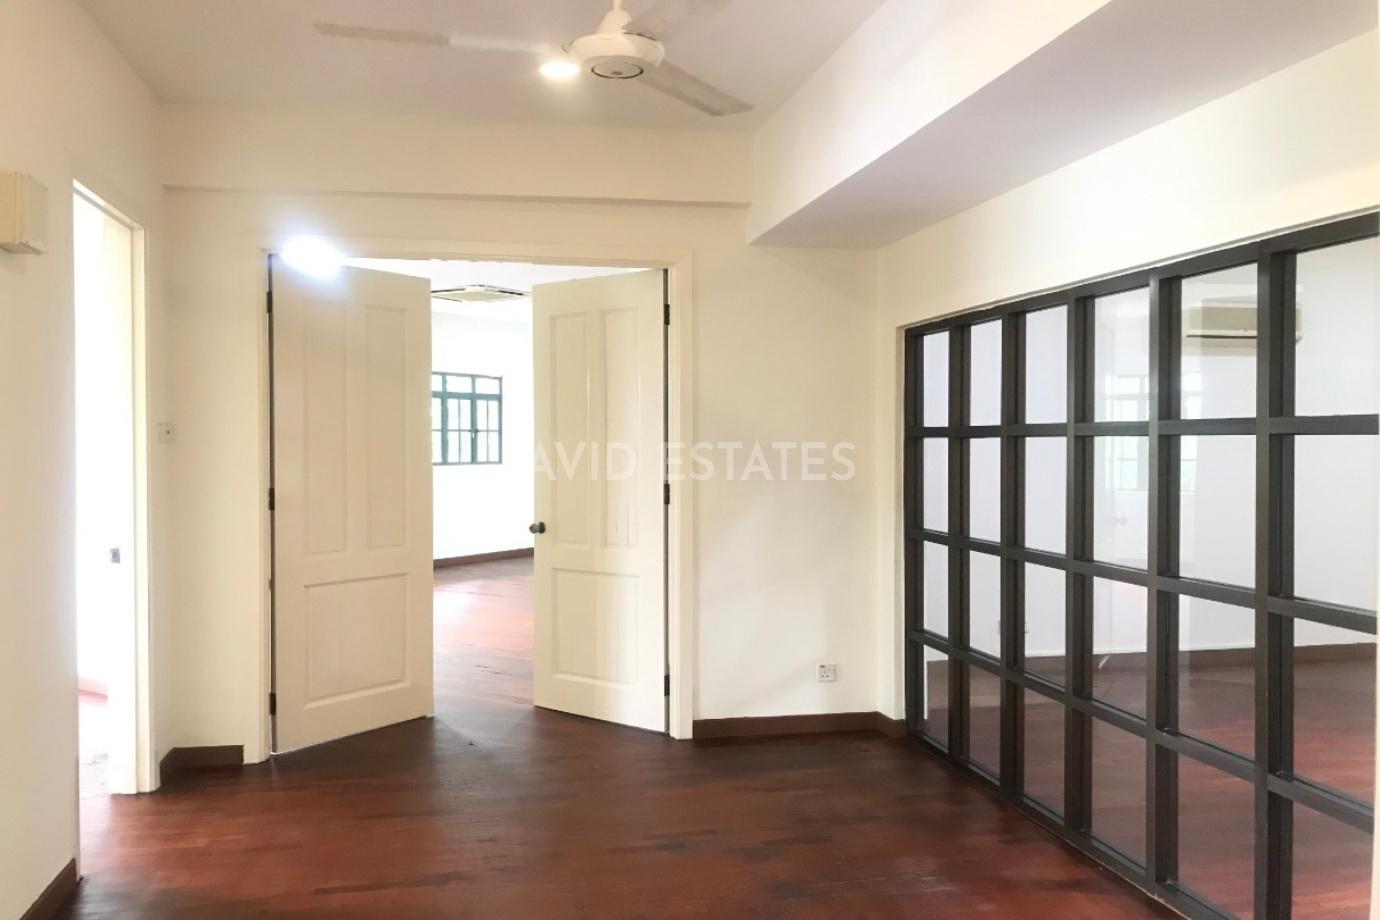 Kampung Warisan, Ulu Klang, 4 Bedrooms Bedrooms, ,3 BathroomsBathrooms,Condominium / Serviced Residence,For Sale,Kampung Warisan,Ulu Klang,2093